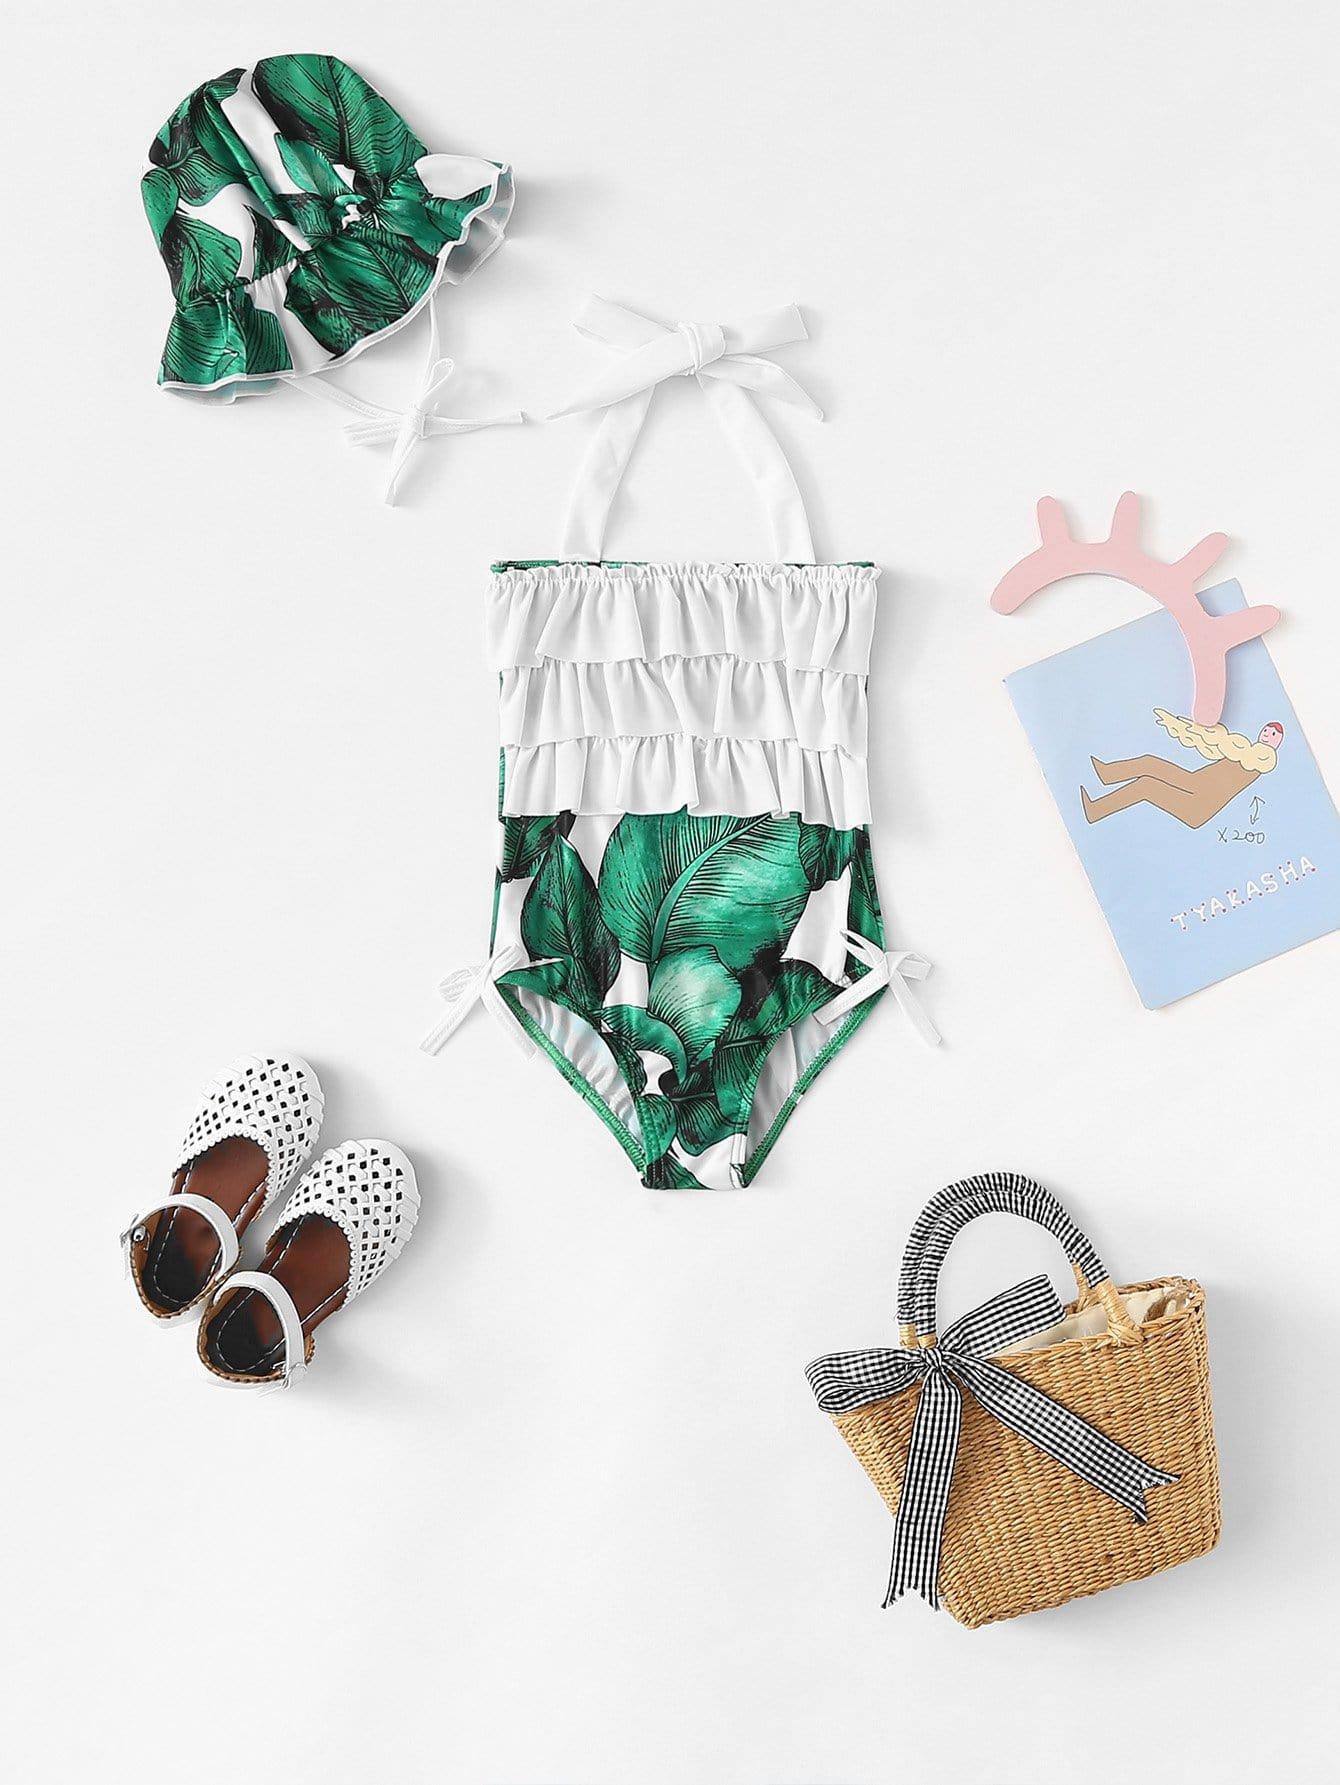 Купить Купальники для детей Ruffle Trim Tropical Print с плавательной крышкой, null, SheIn